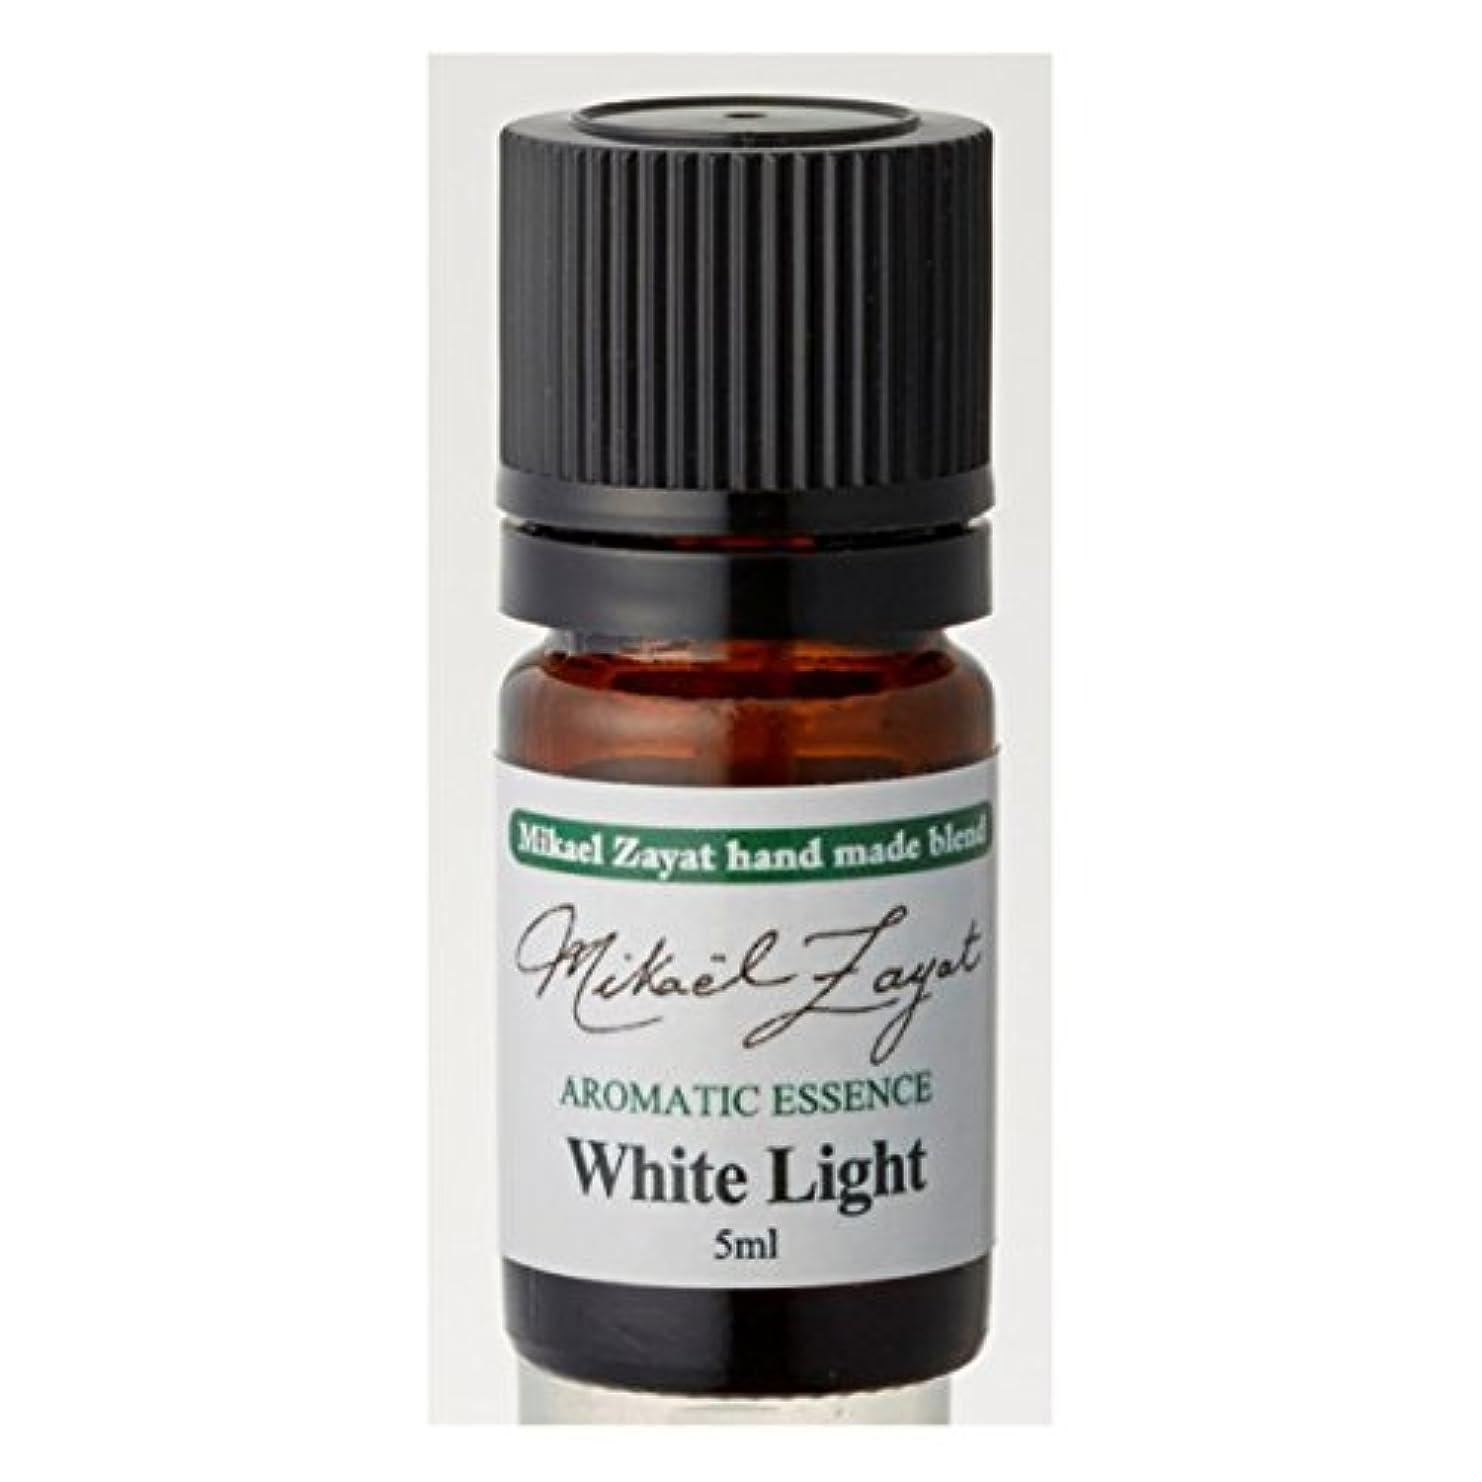 欺く見分けるポーンミカエルザヤット ホワイトライト White Light 5ml/ Mikael Zayat hand made blend